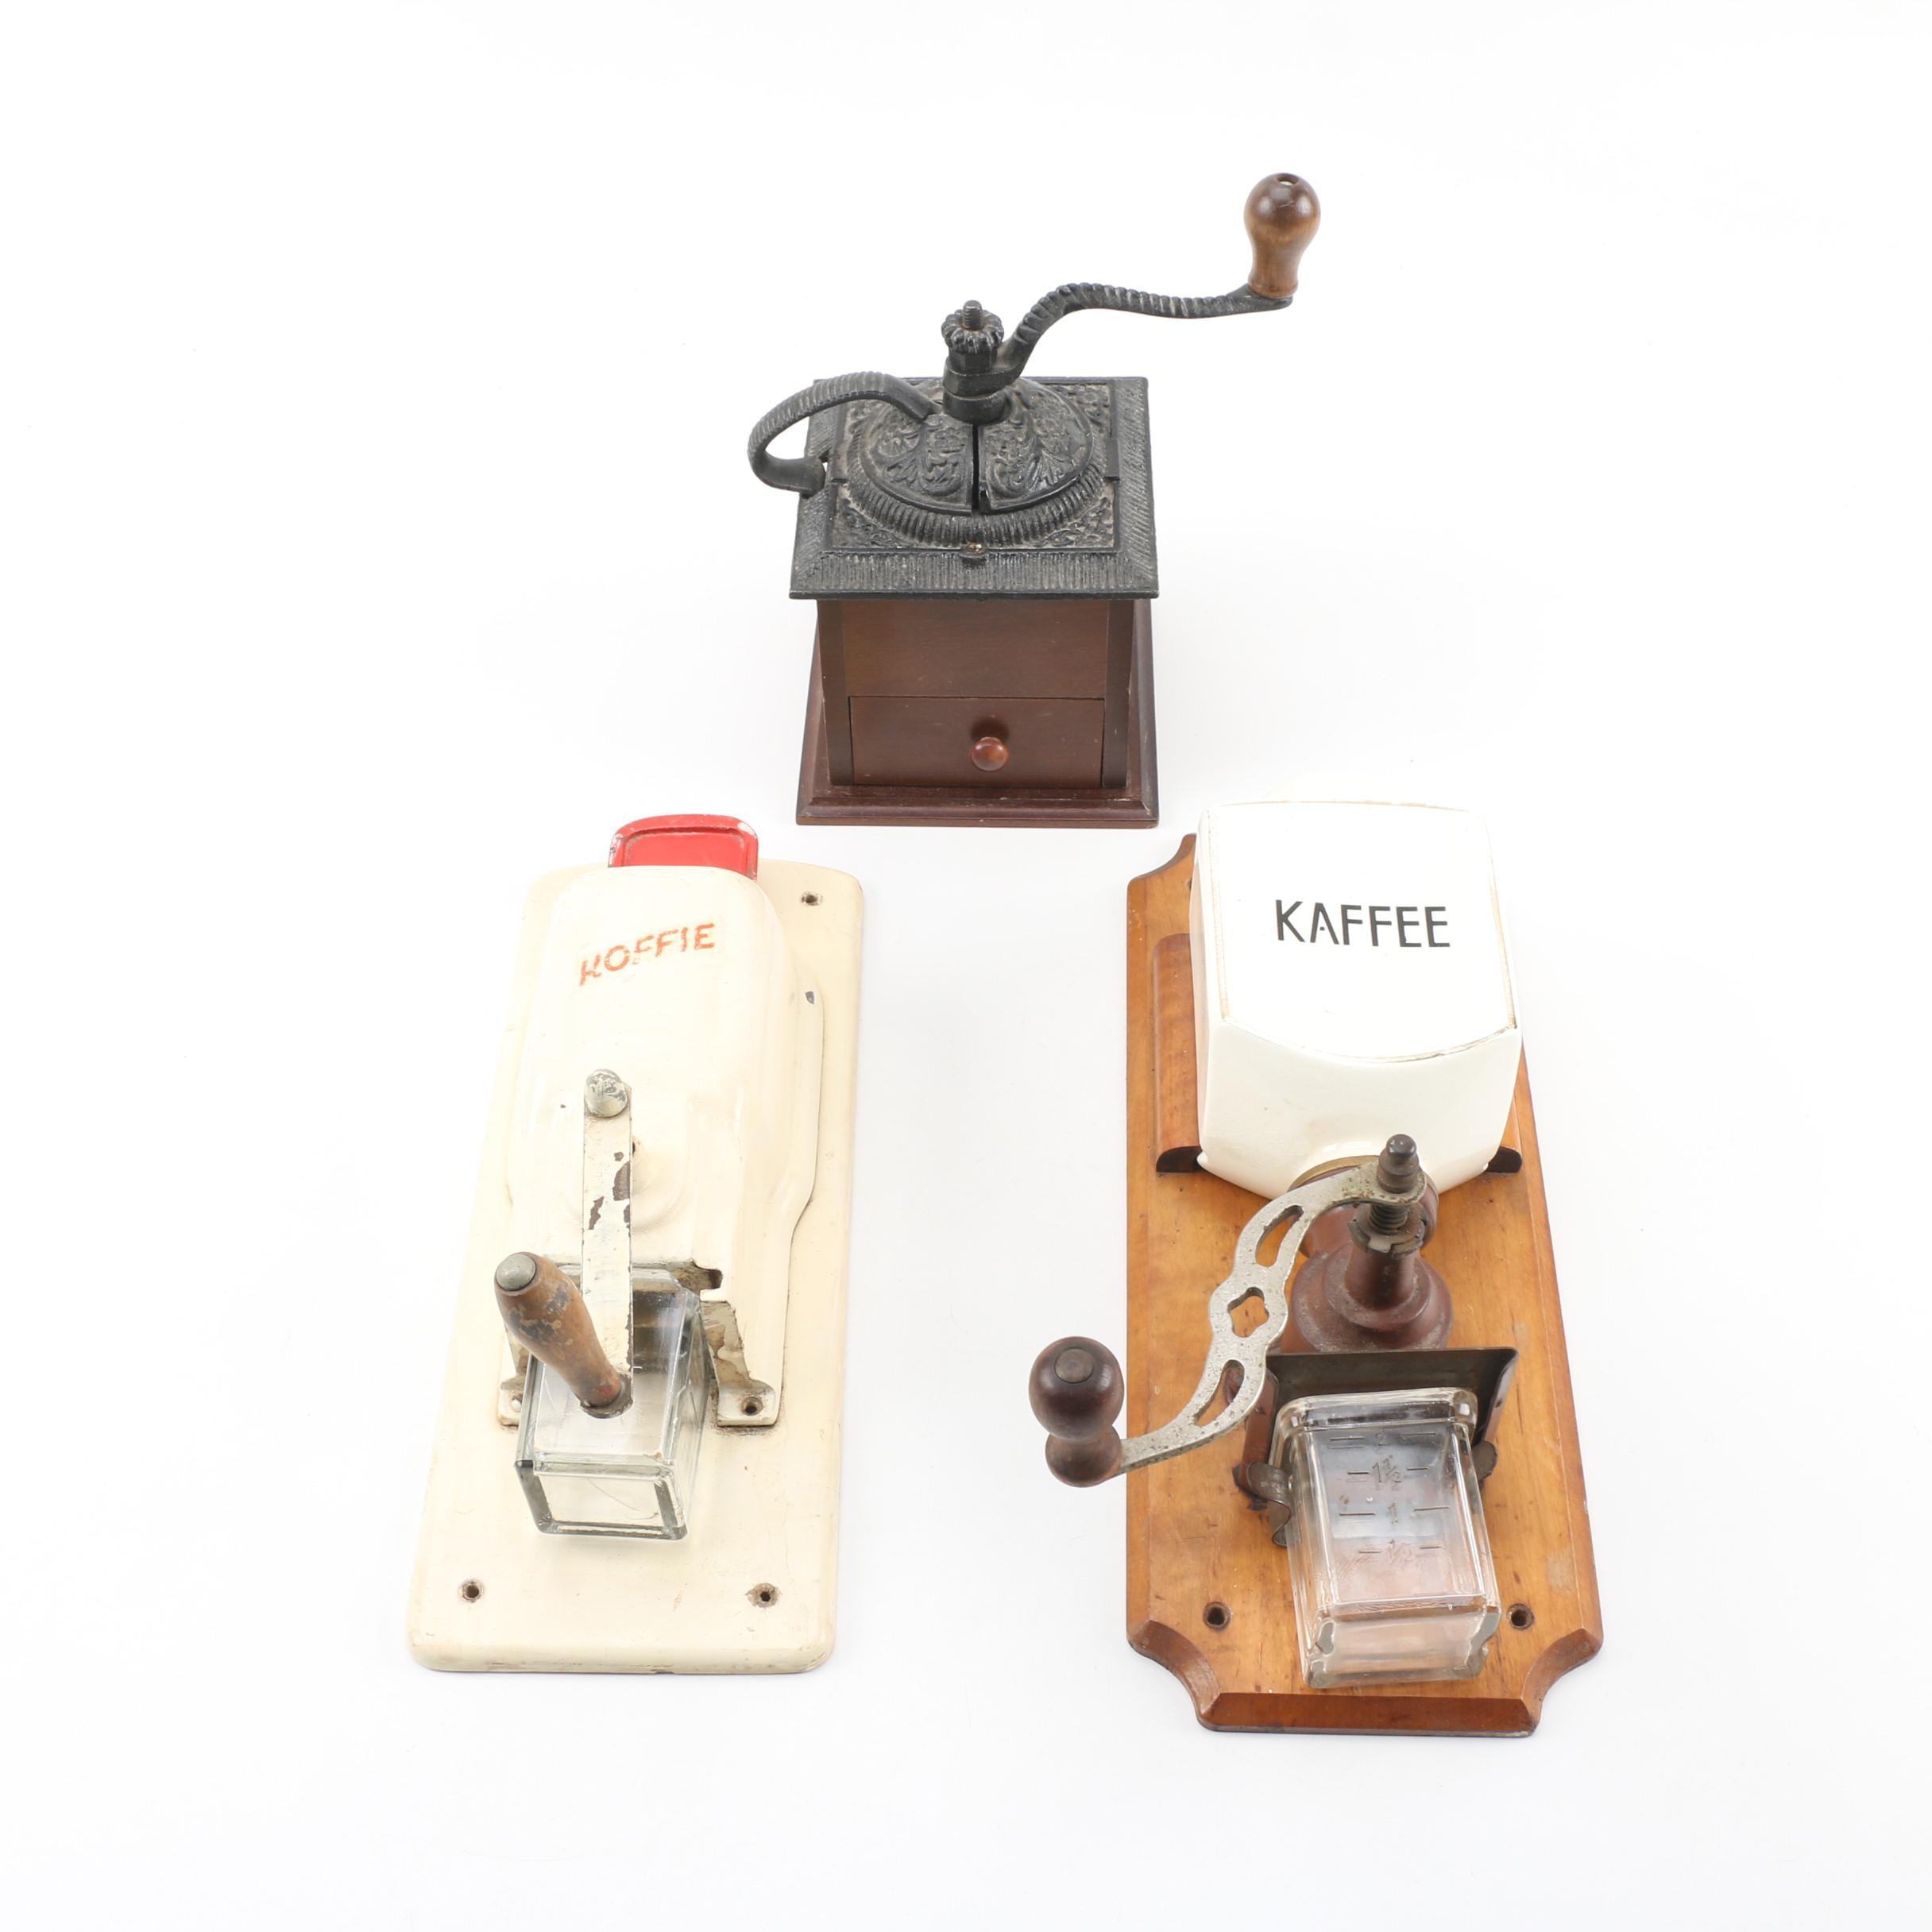 Vintage Coffee Grinders featuring German Leinbrock Ideal